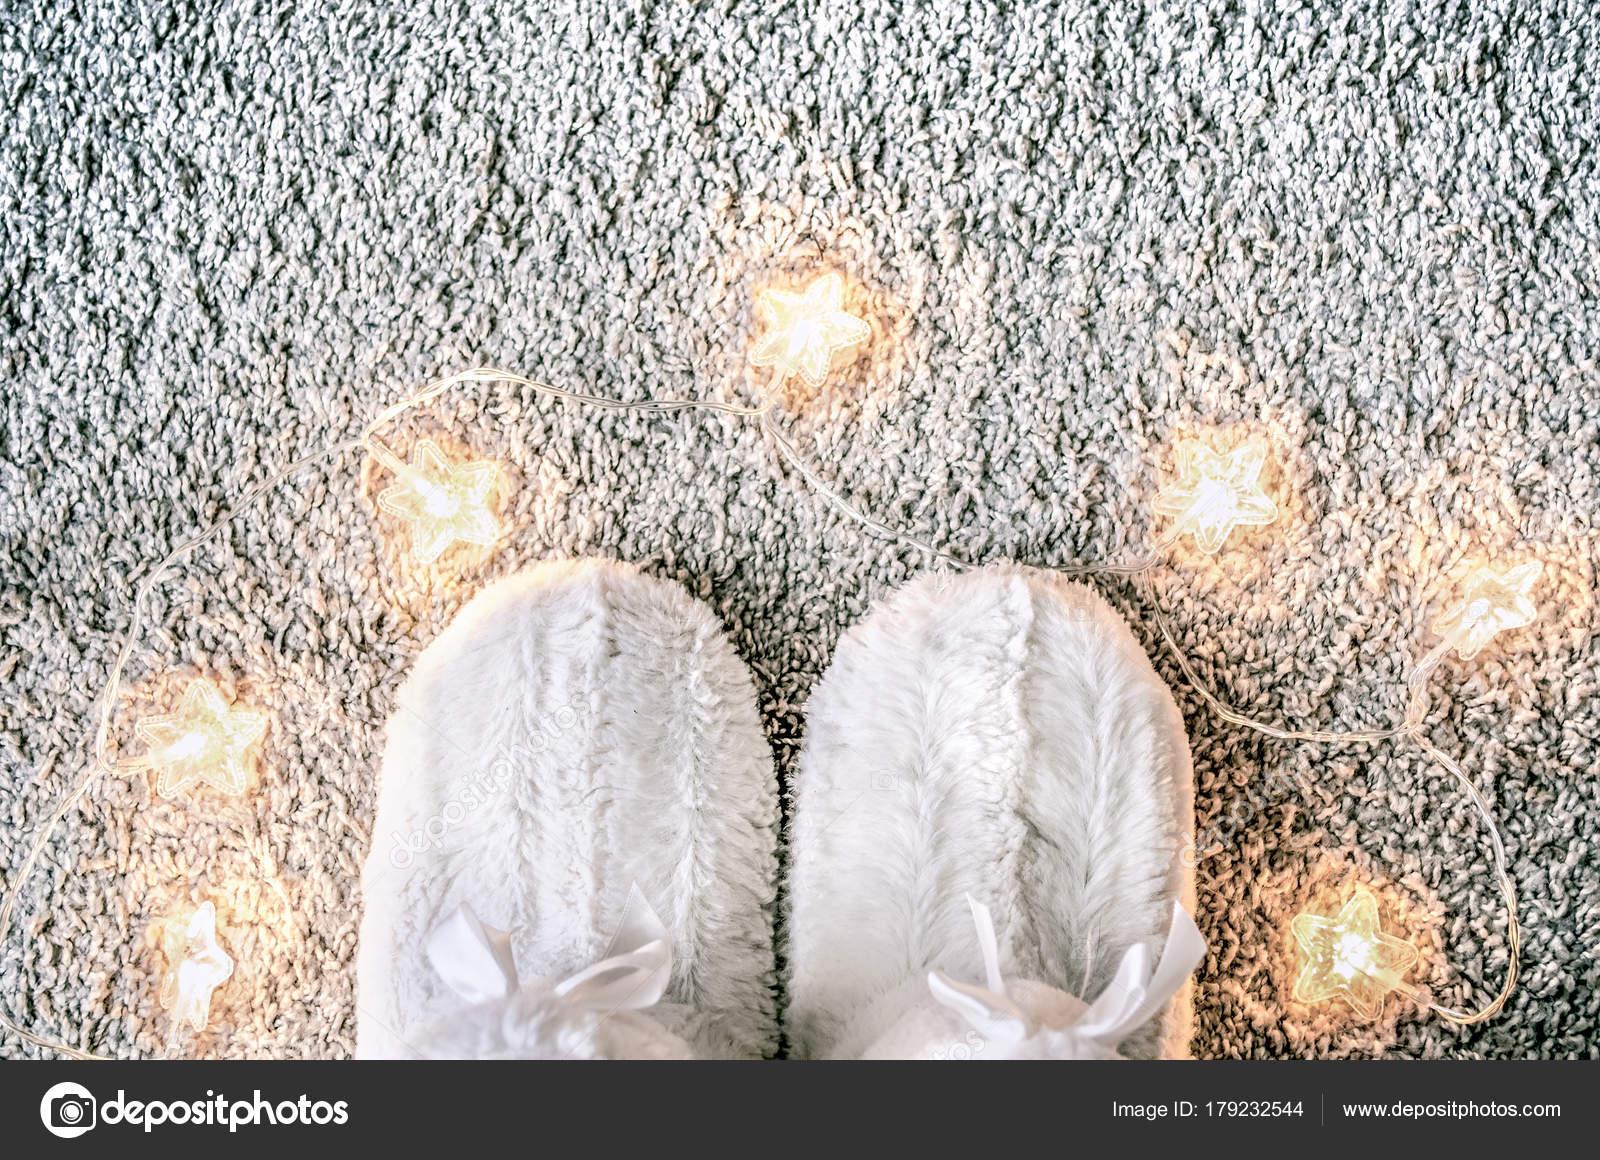 gemutlichkeit zu hause weicher teppich, gemütliche weihnachten zusammensetzung mit pantoffeln auf dem, Design ideen